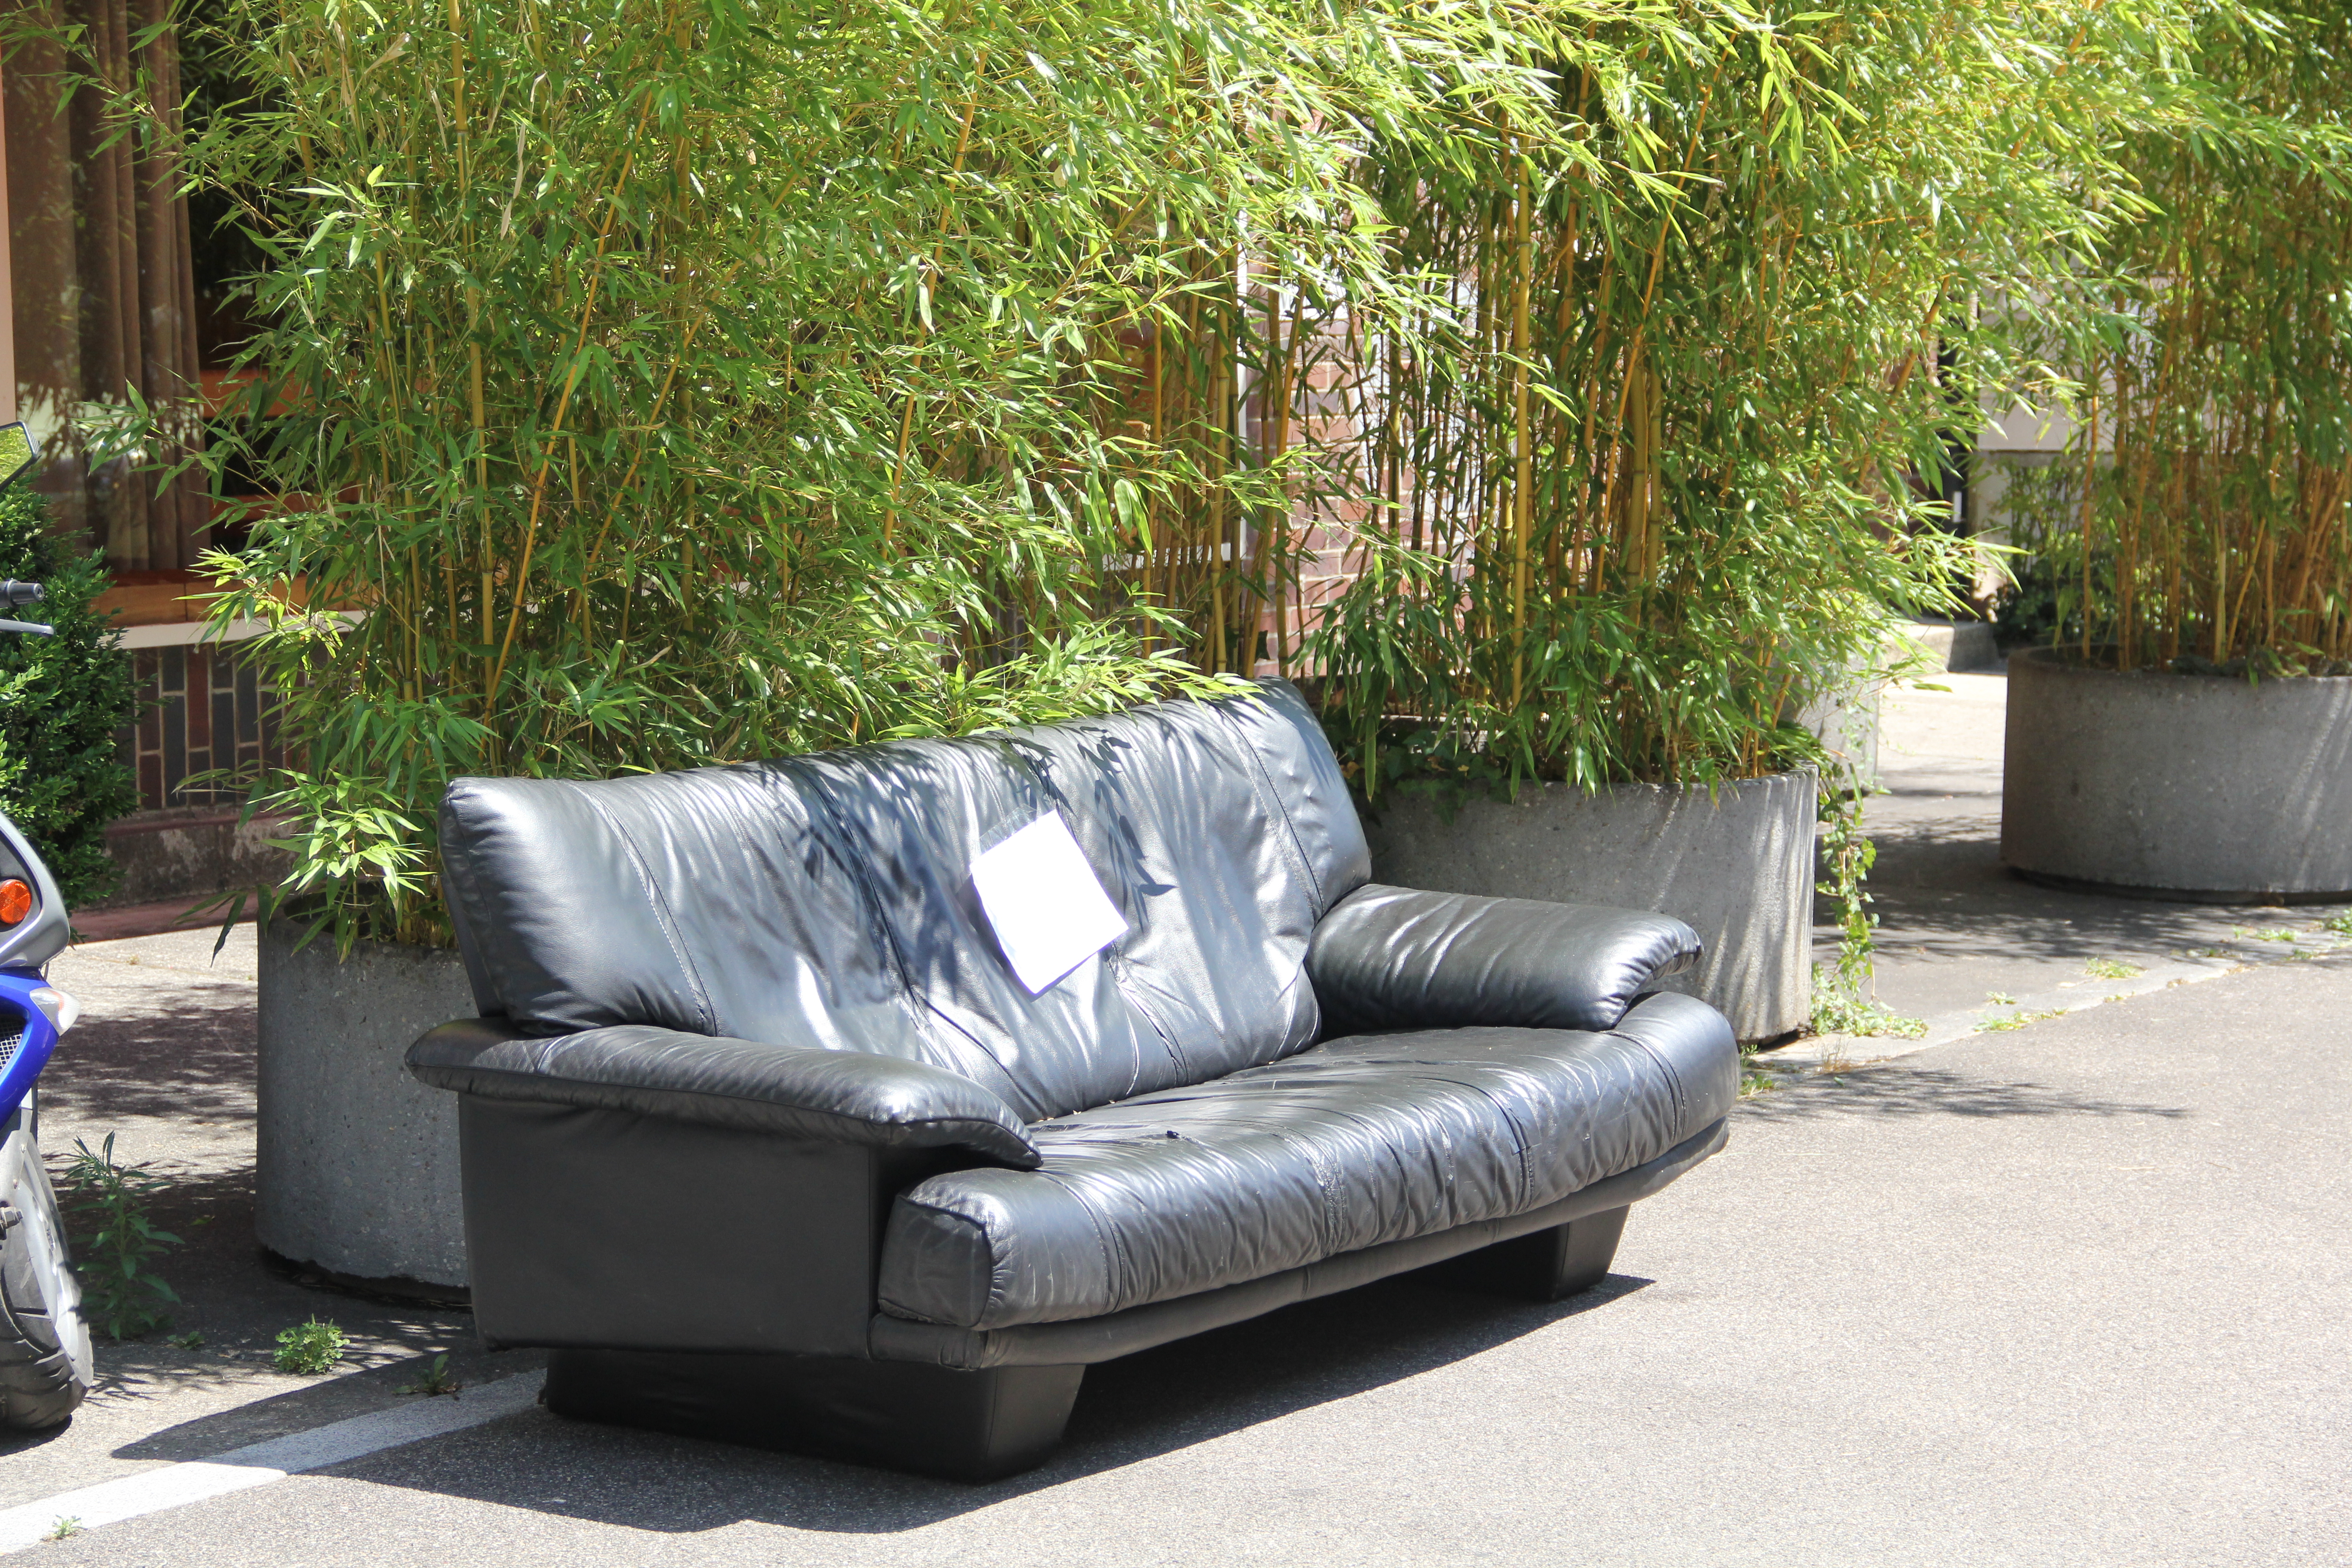 Ein Platz unter den Topfpflanzen: Dieses Sofa hielt es ziemlich lange an der Vogesenstrasse aus.